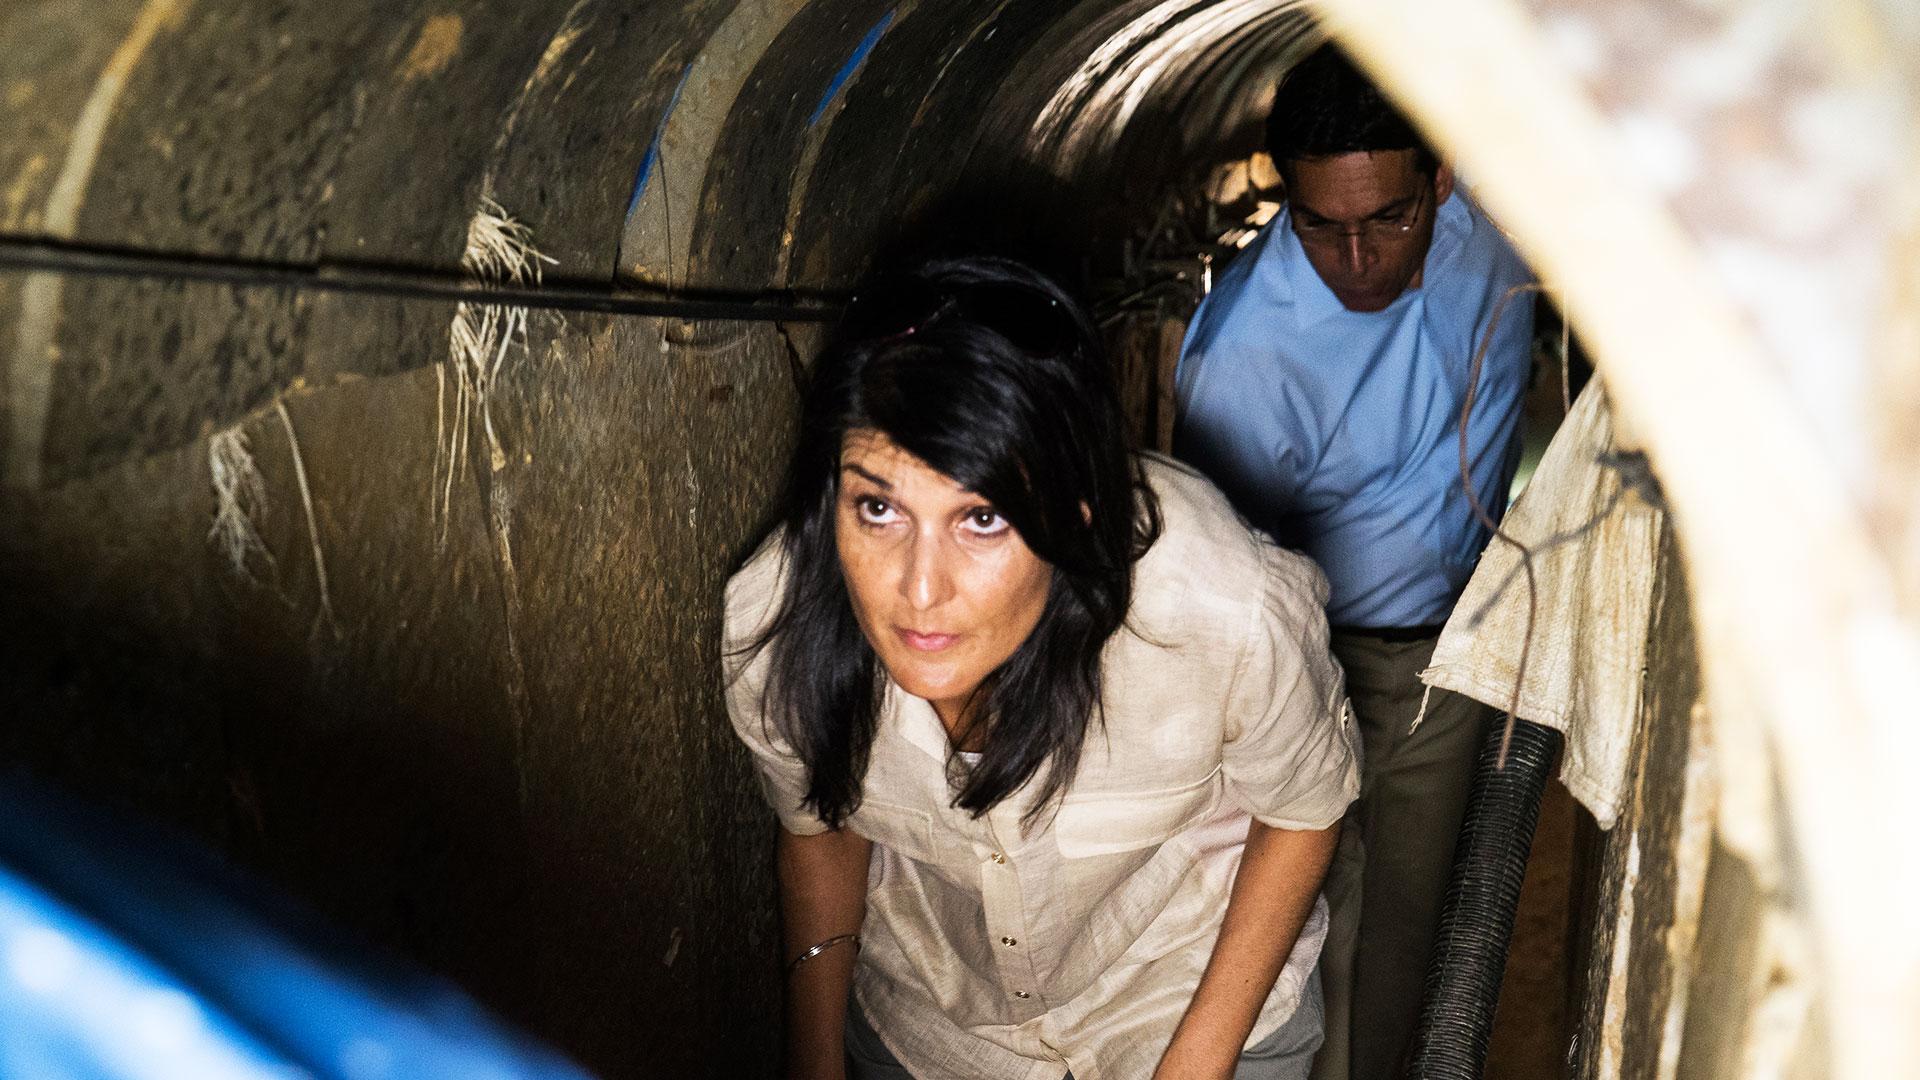 Ambassador Haley visits the Western Wall